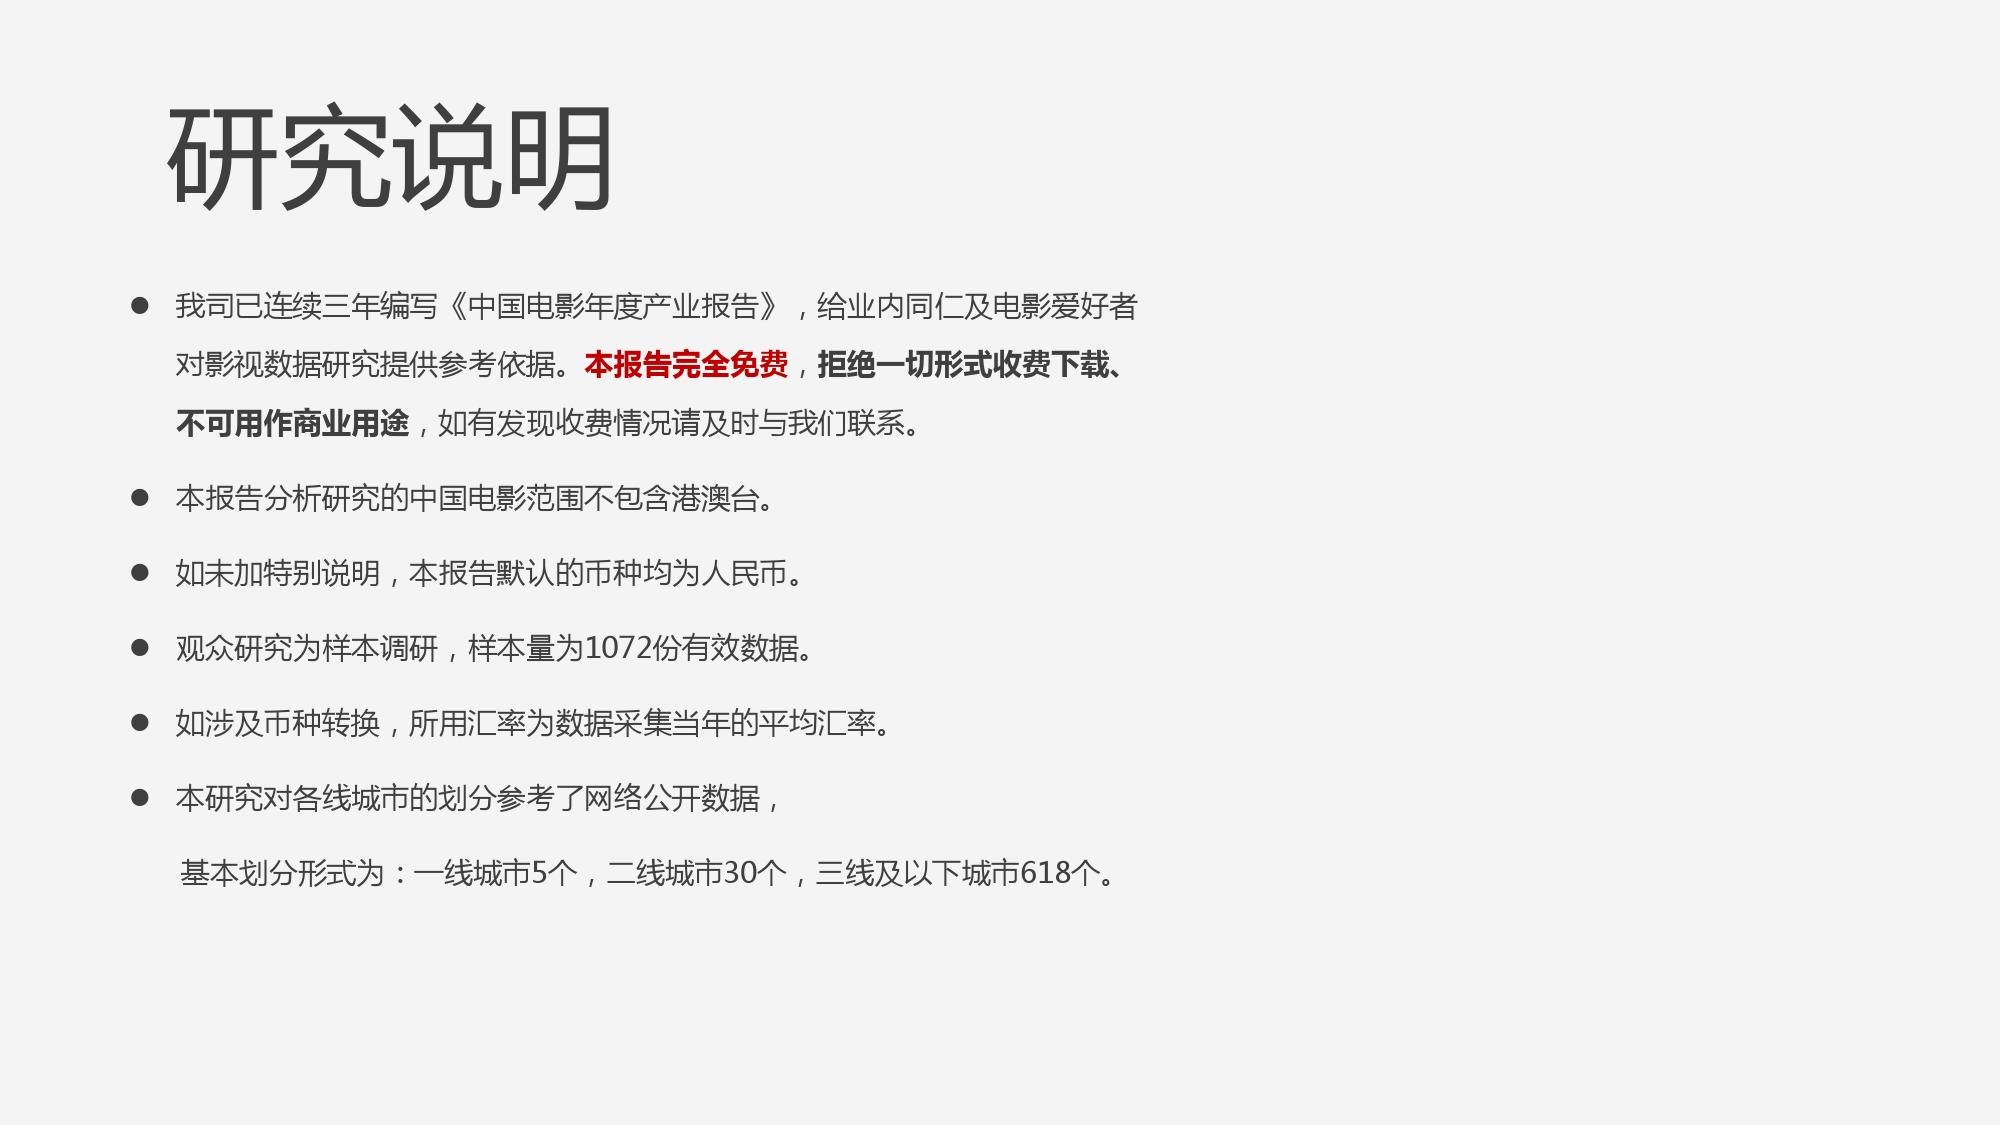 2015年度中国电影产业报告_000115